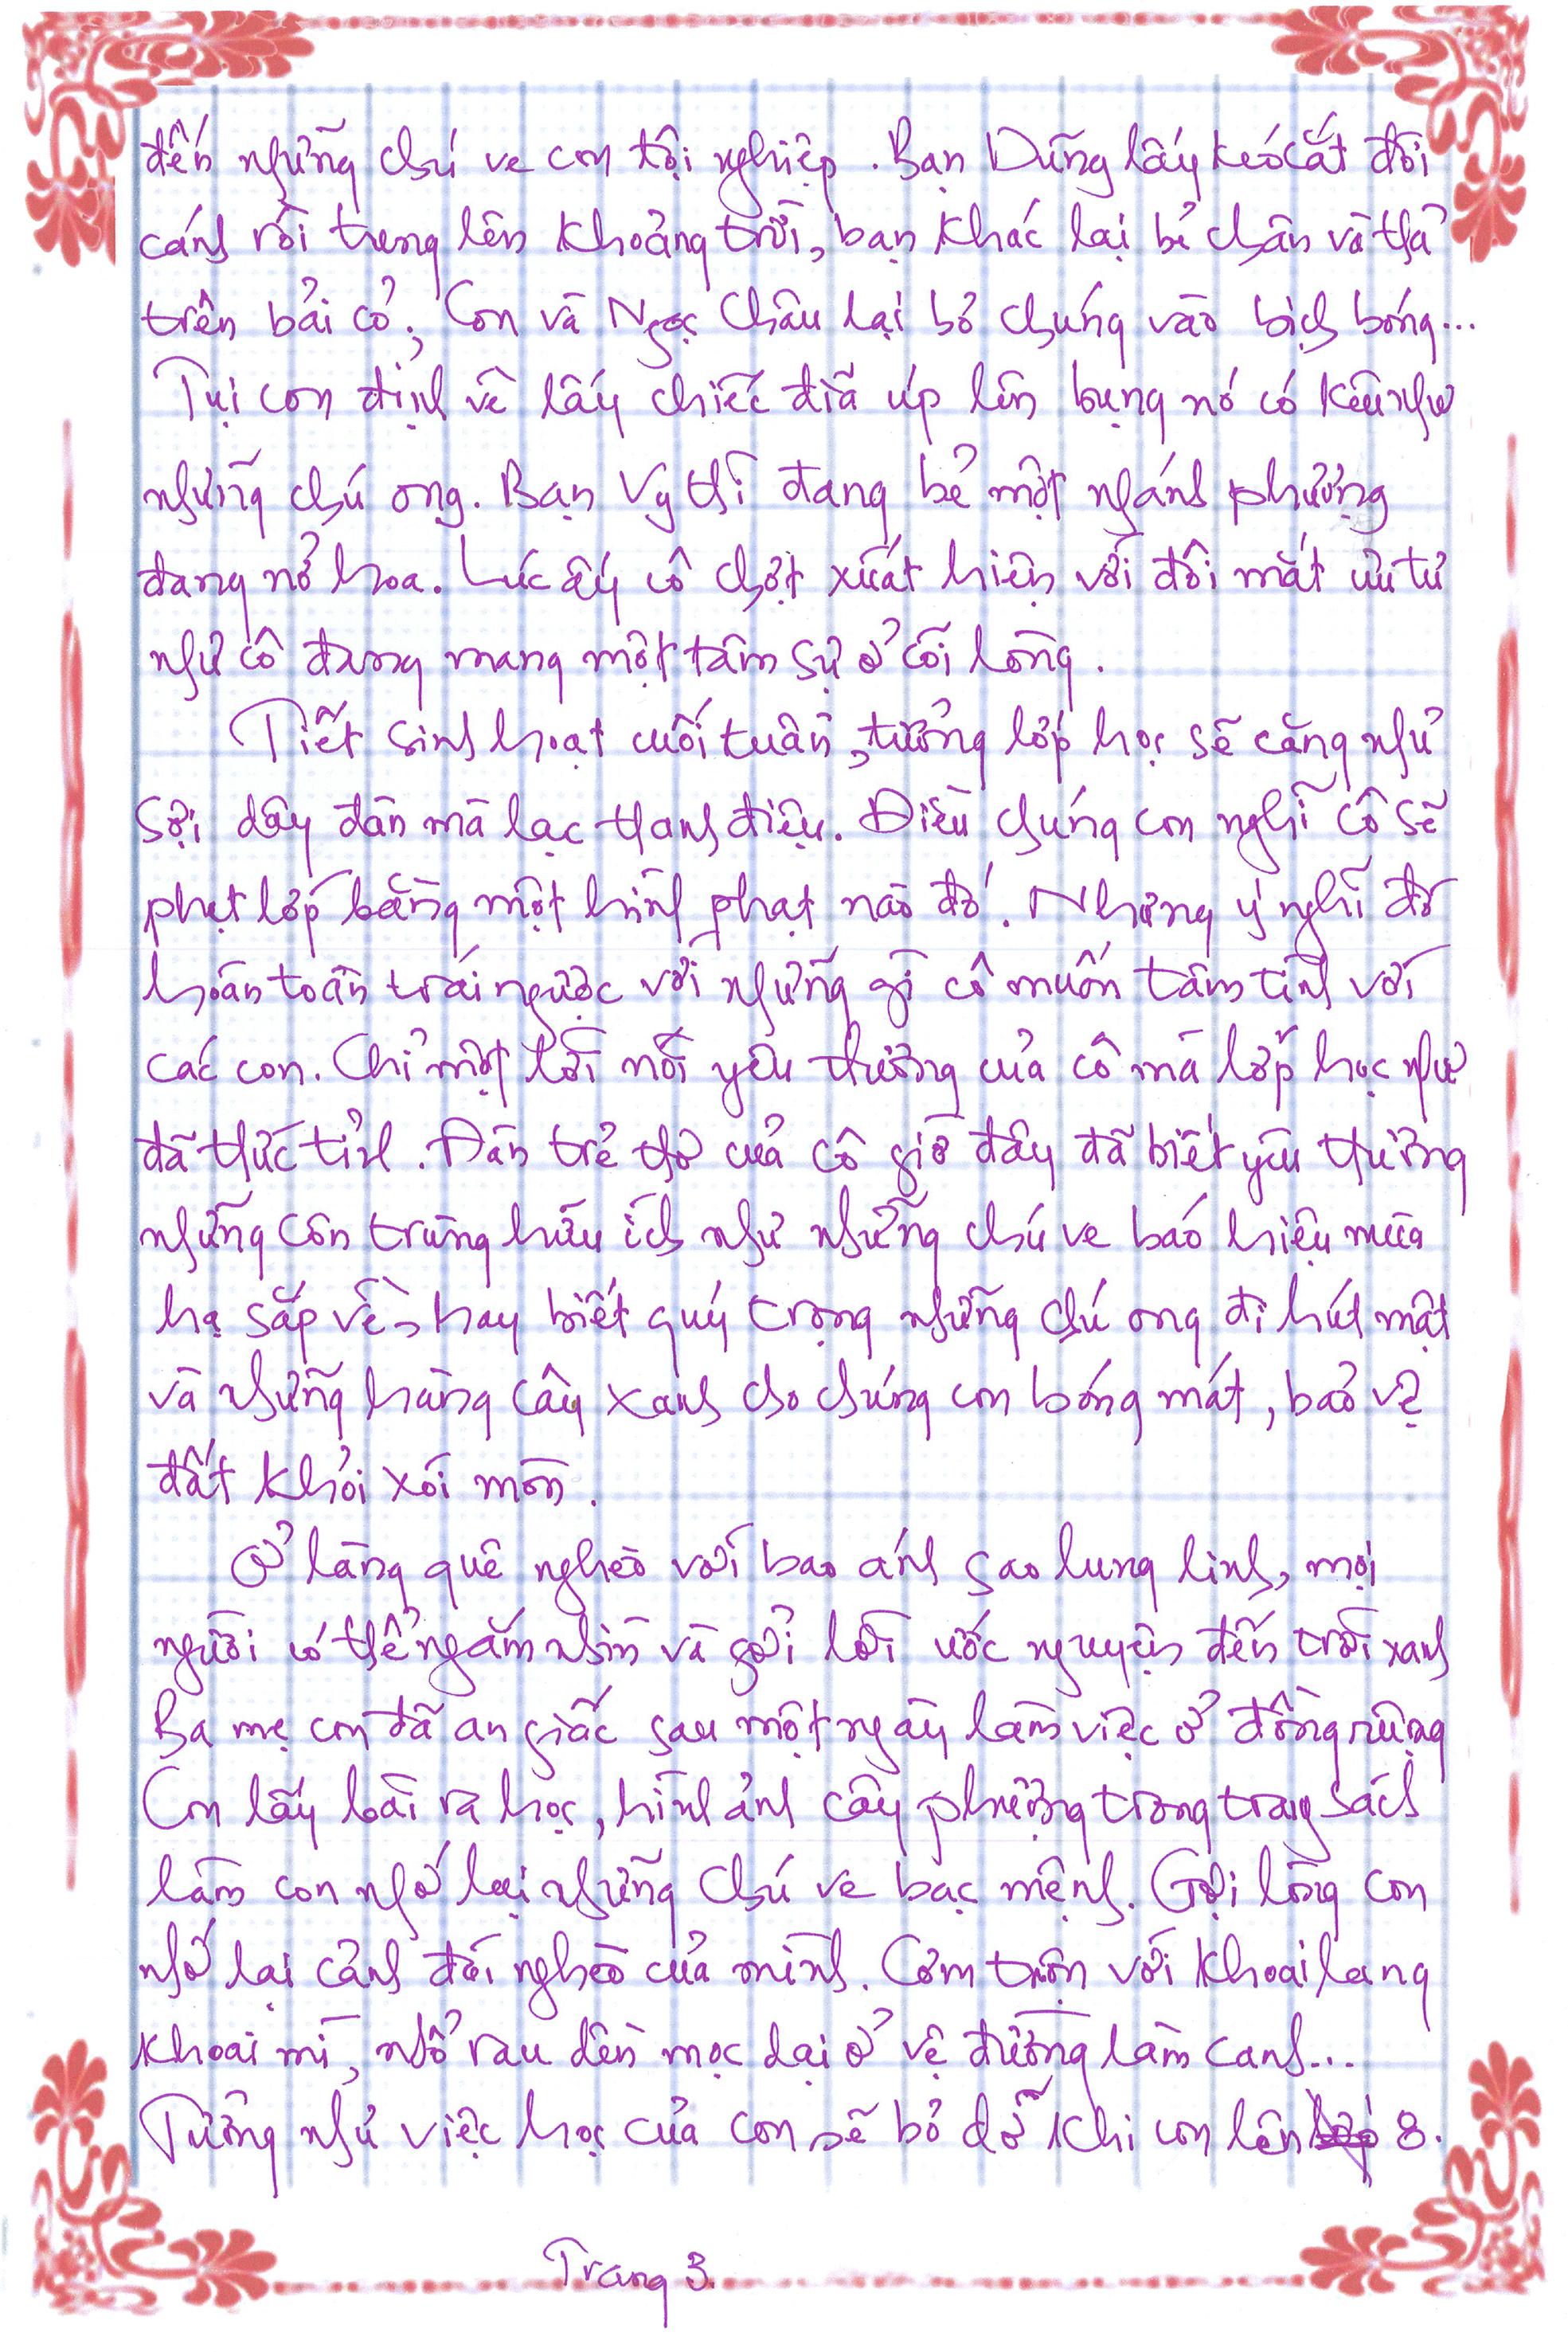 bai du thi so 2 trang 3 - [20/11 và những lá thư tay]: Thư gửi cô trong đêm mưa ngâu thành phố